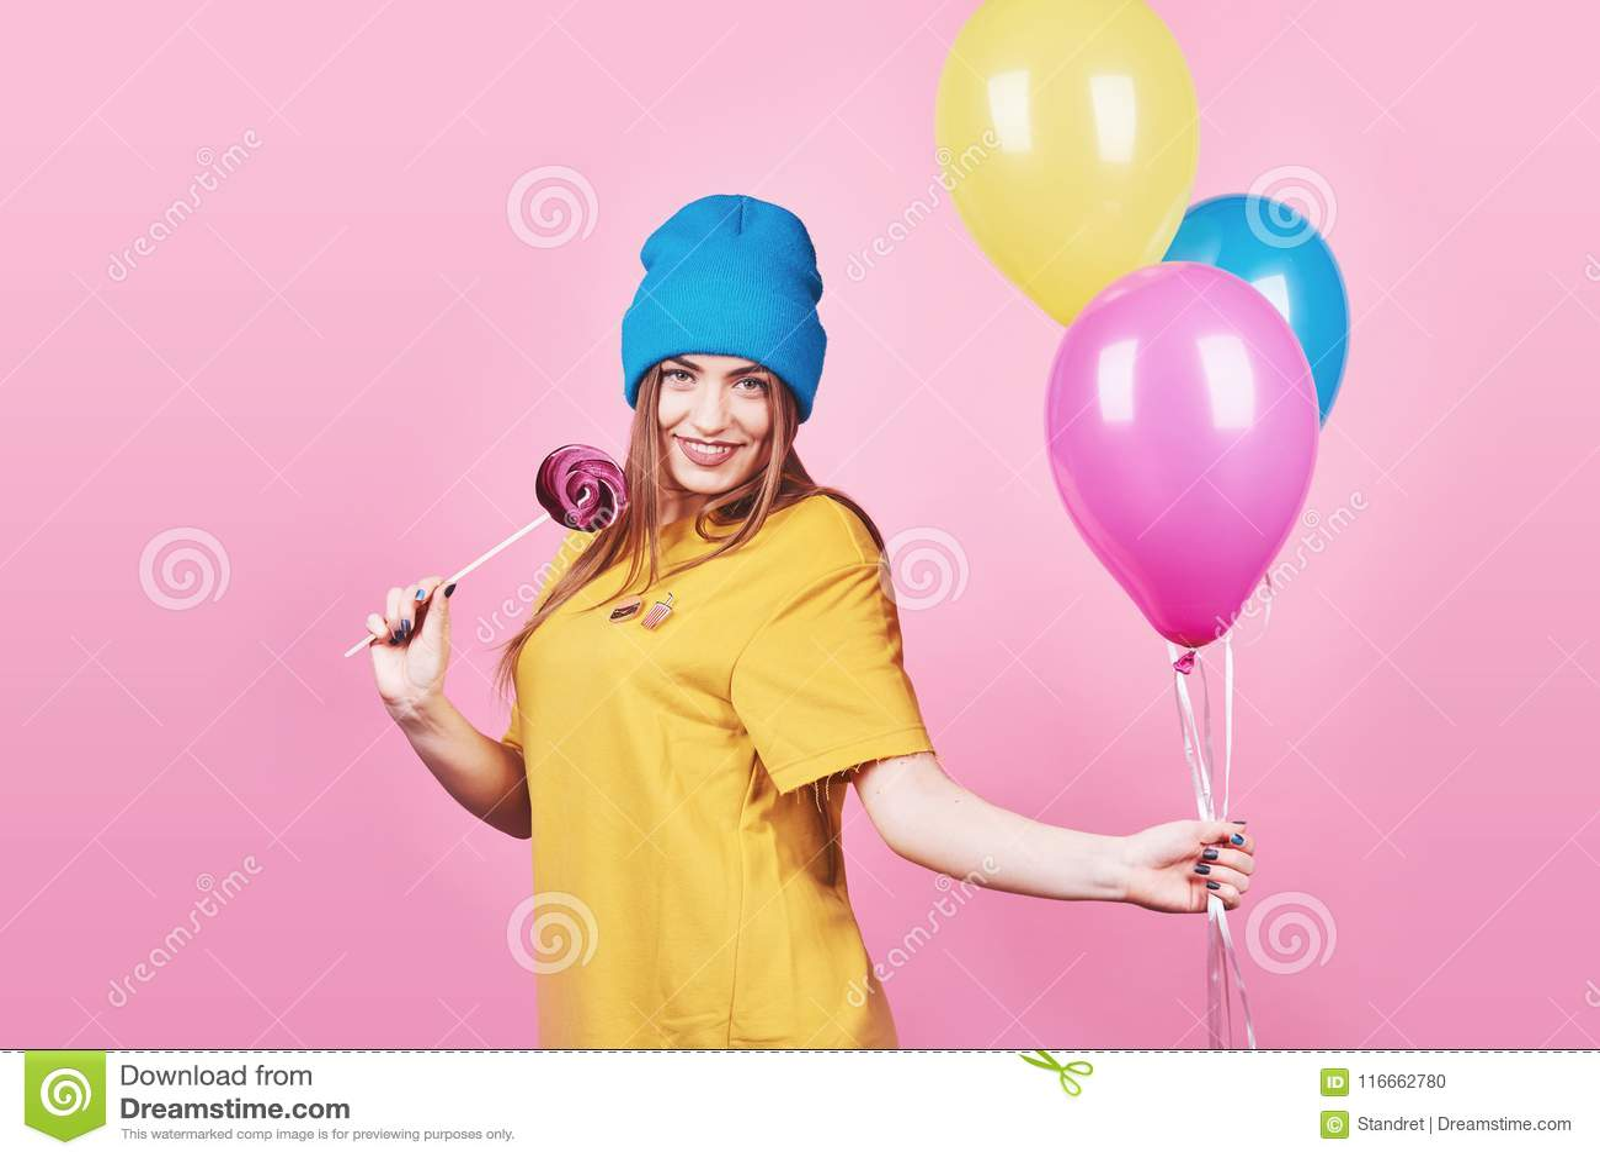 Śliczna śmieszna dziewczyna ono uśmiecha się na różowym tle w błękitnej nakrętki portrecie trzyma lotniczych kolorowych balony i